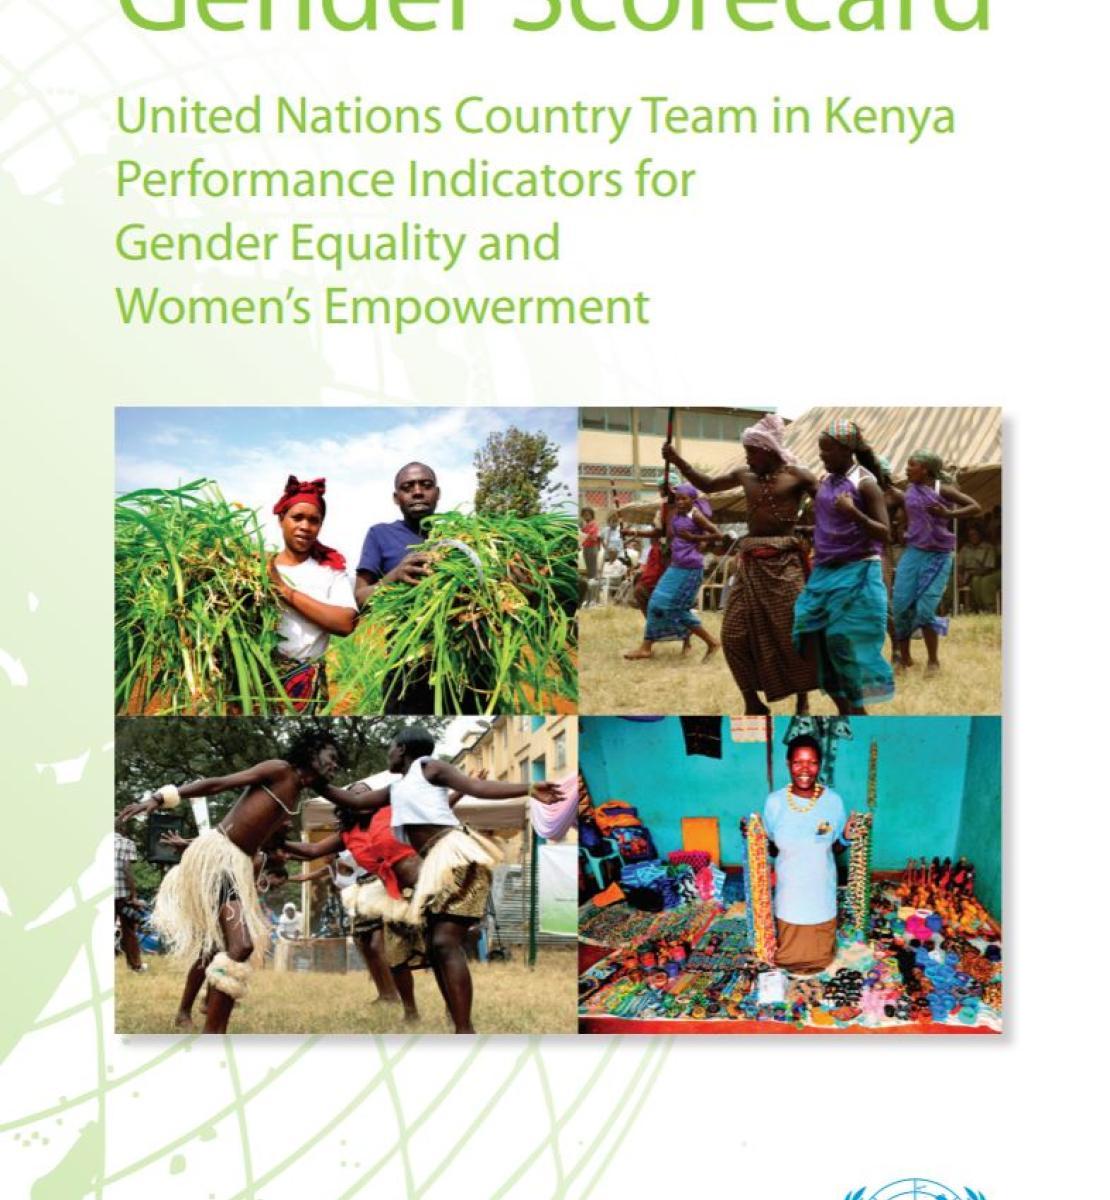 Equipo de las Naciones Unidas en Kenya: Indicadores de desempeño sobre igualdad de género y empoderamiento de la mujer